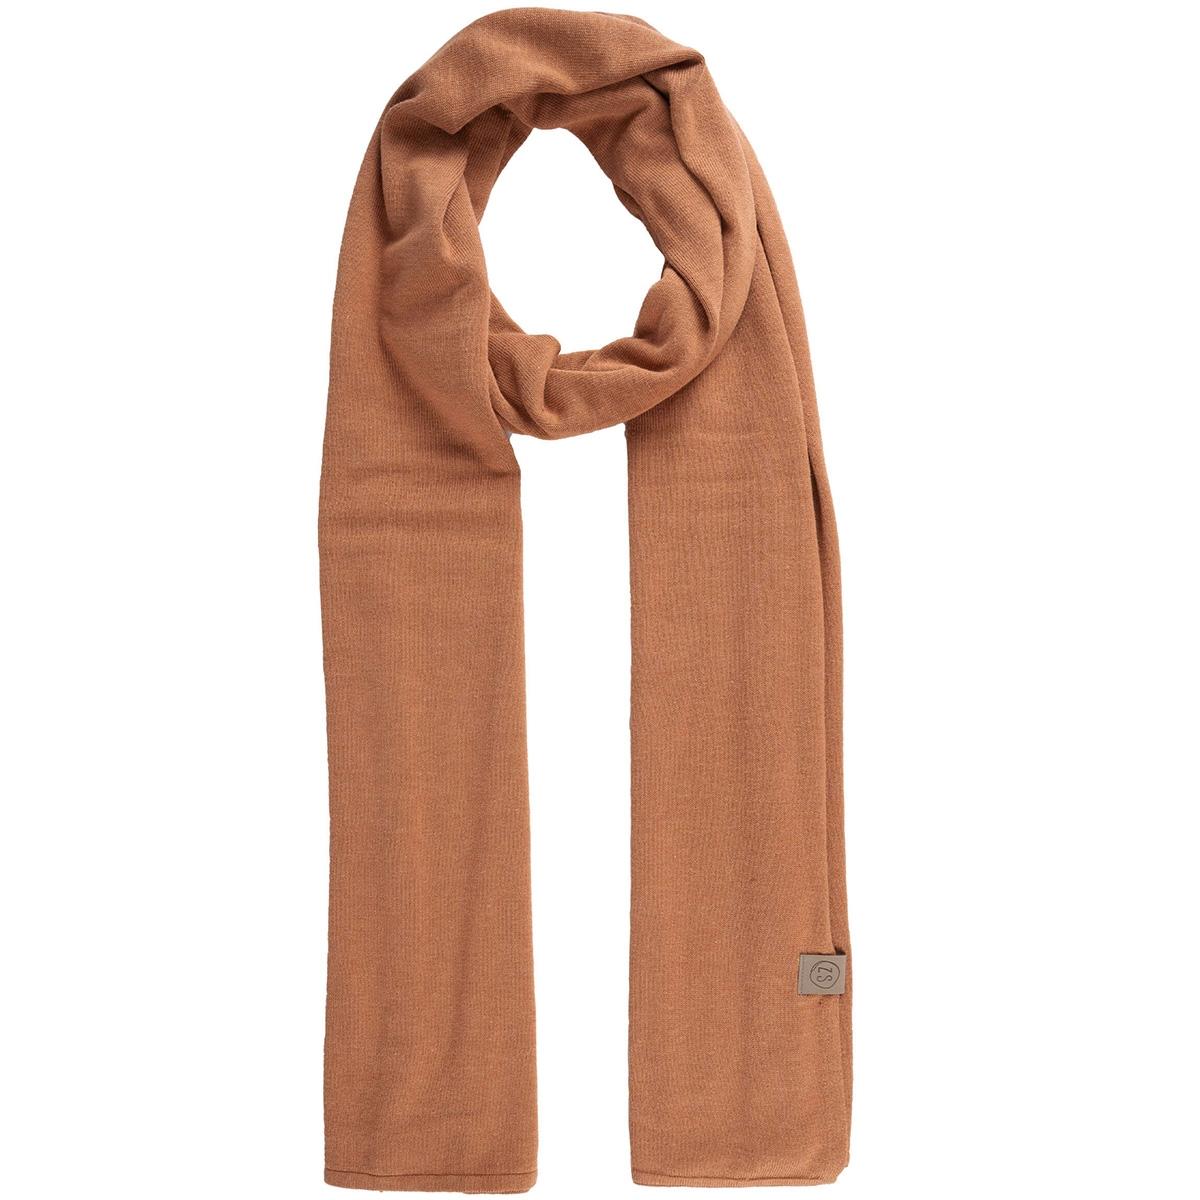 fijngebreide zachte sjaal 0307 007 6506 zusss sjaal honing